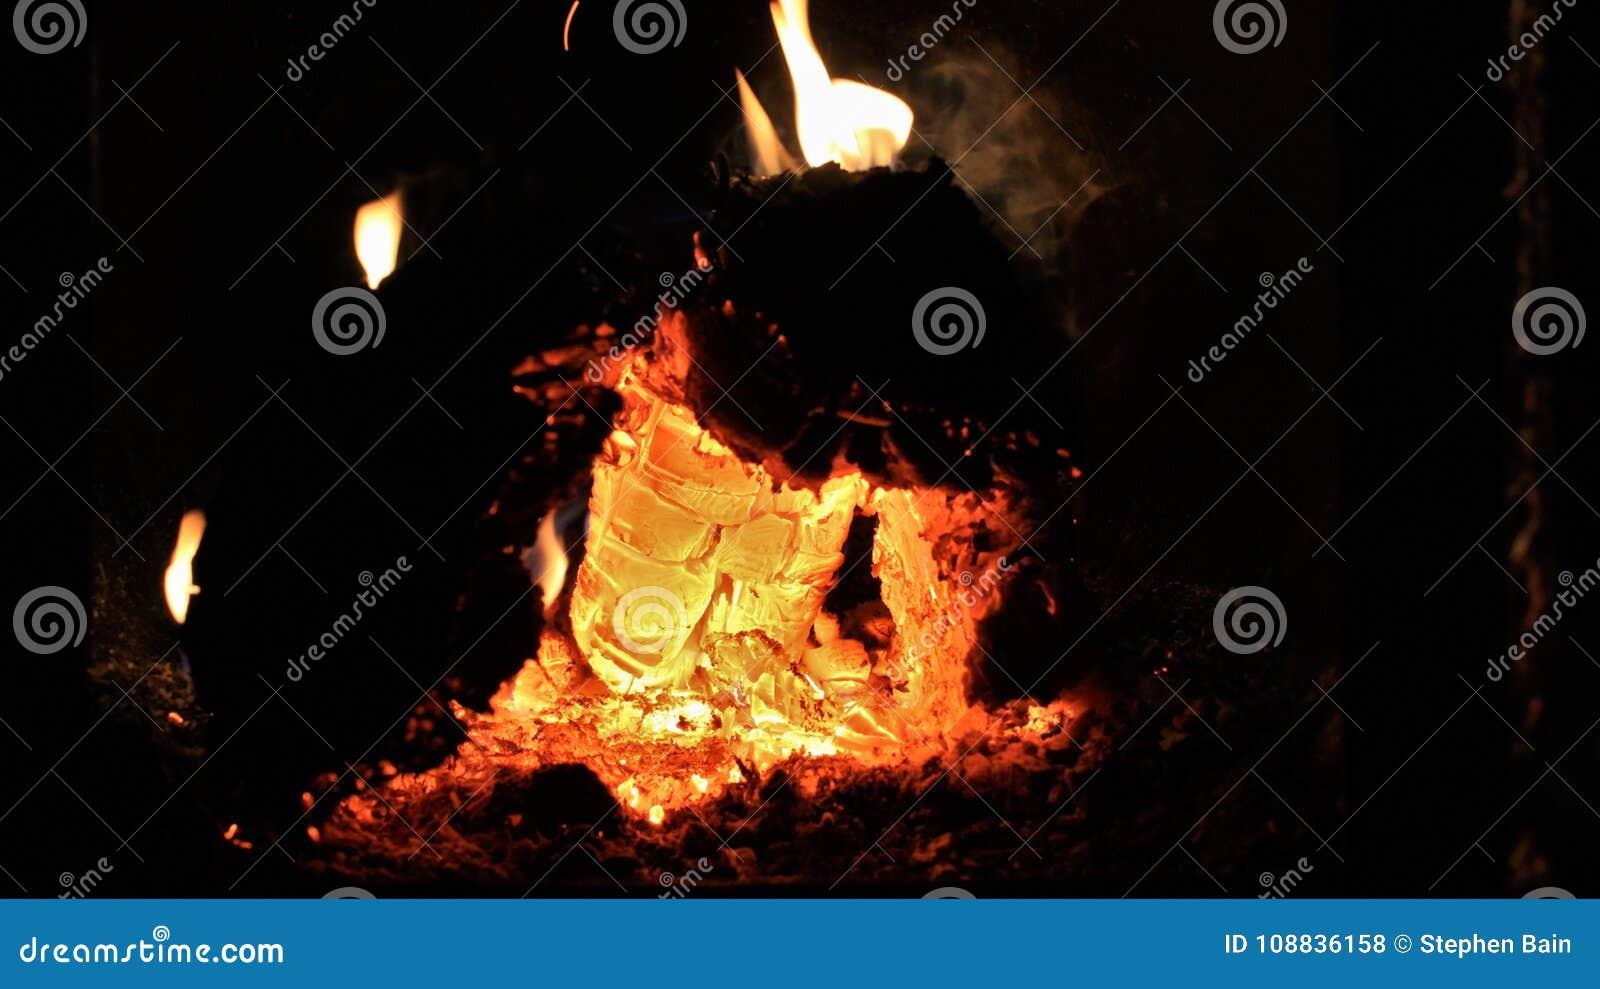 Καμμένος πορτοκαλιοί και κόκκινοι άνθρακες μέσα σε έναν καυτό ξύλινο φούρνο